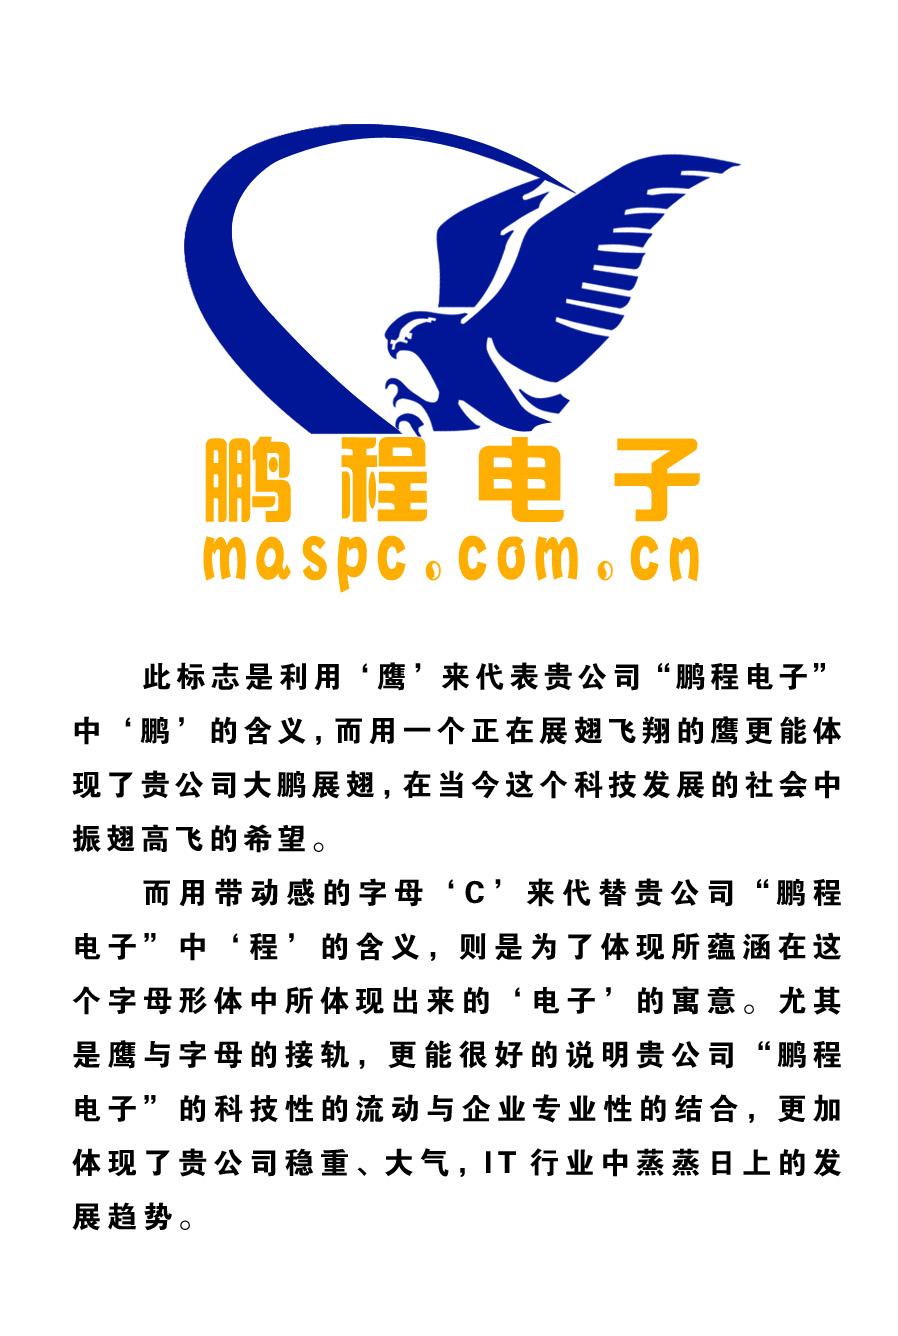 中标稿件 -鹏程电子公司Logo 名片设计 80元 编号1924